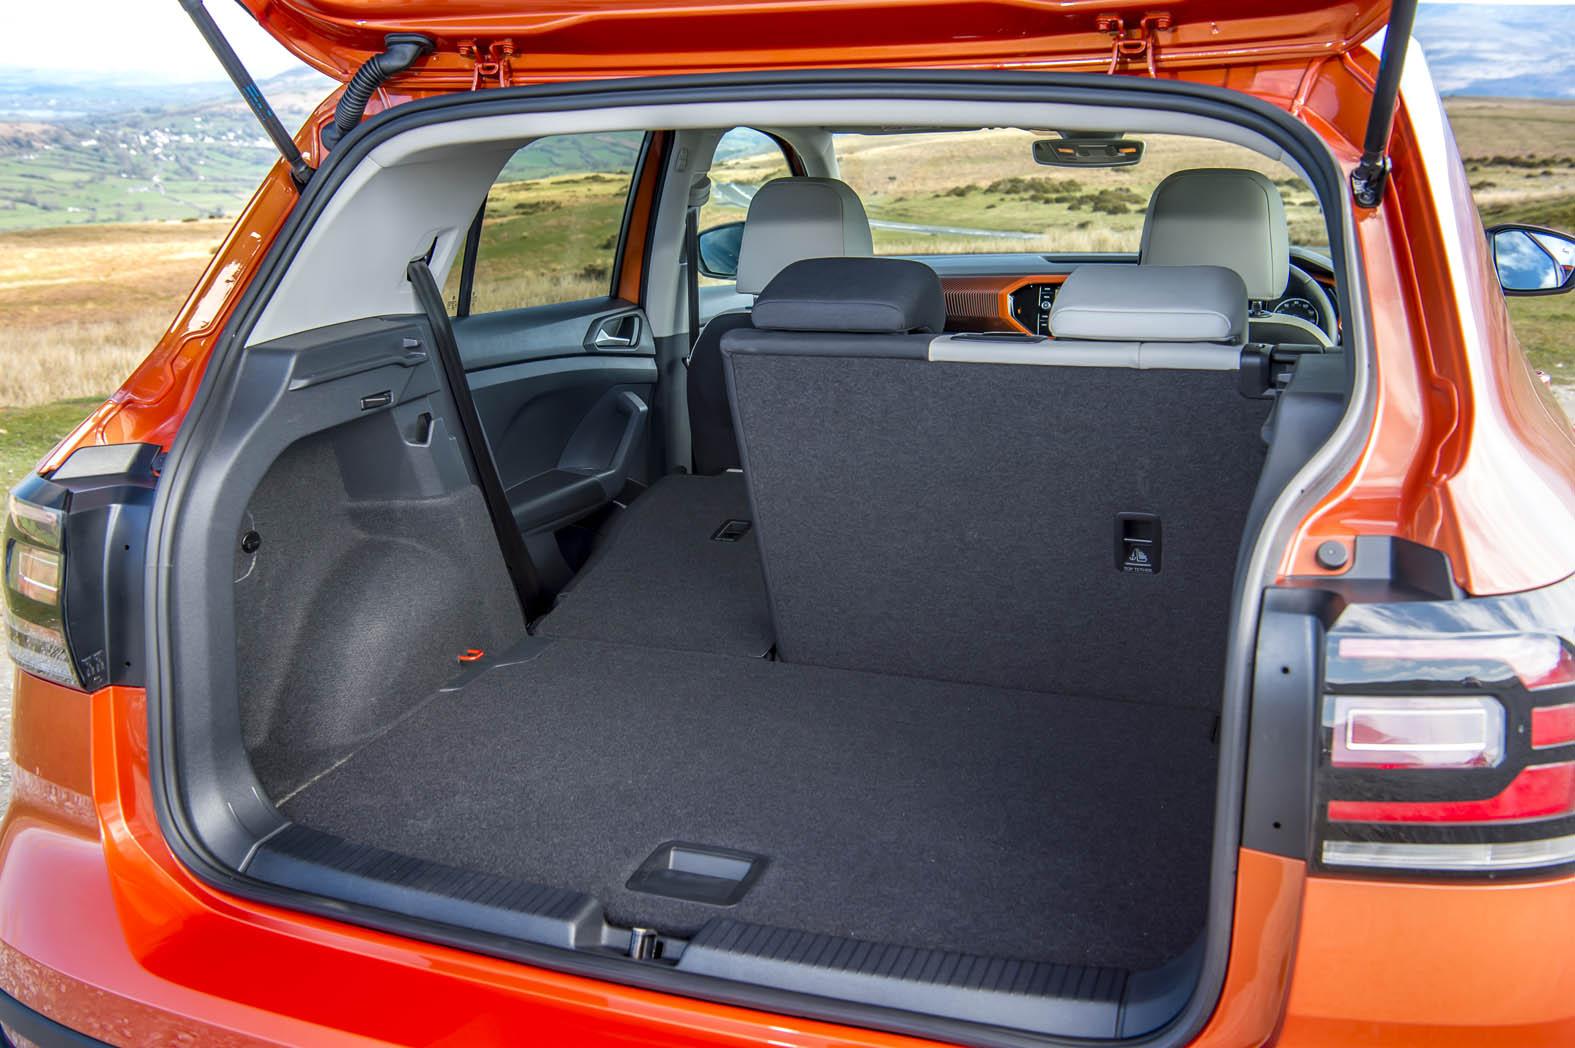 Volkswagen T-cross- trunk Capacity - GoodAutoDeals